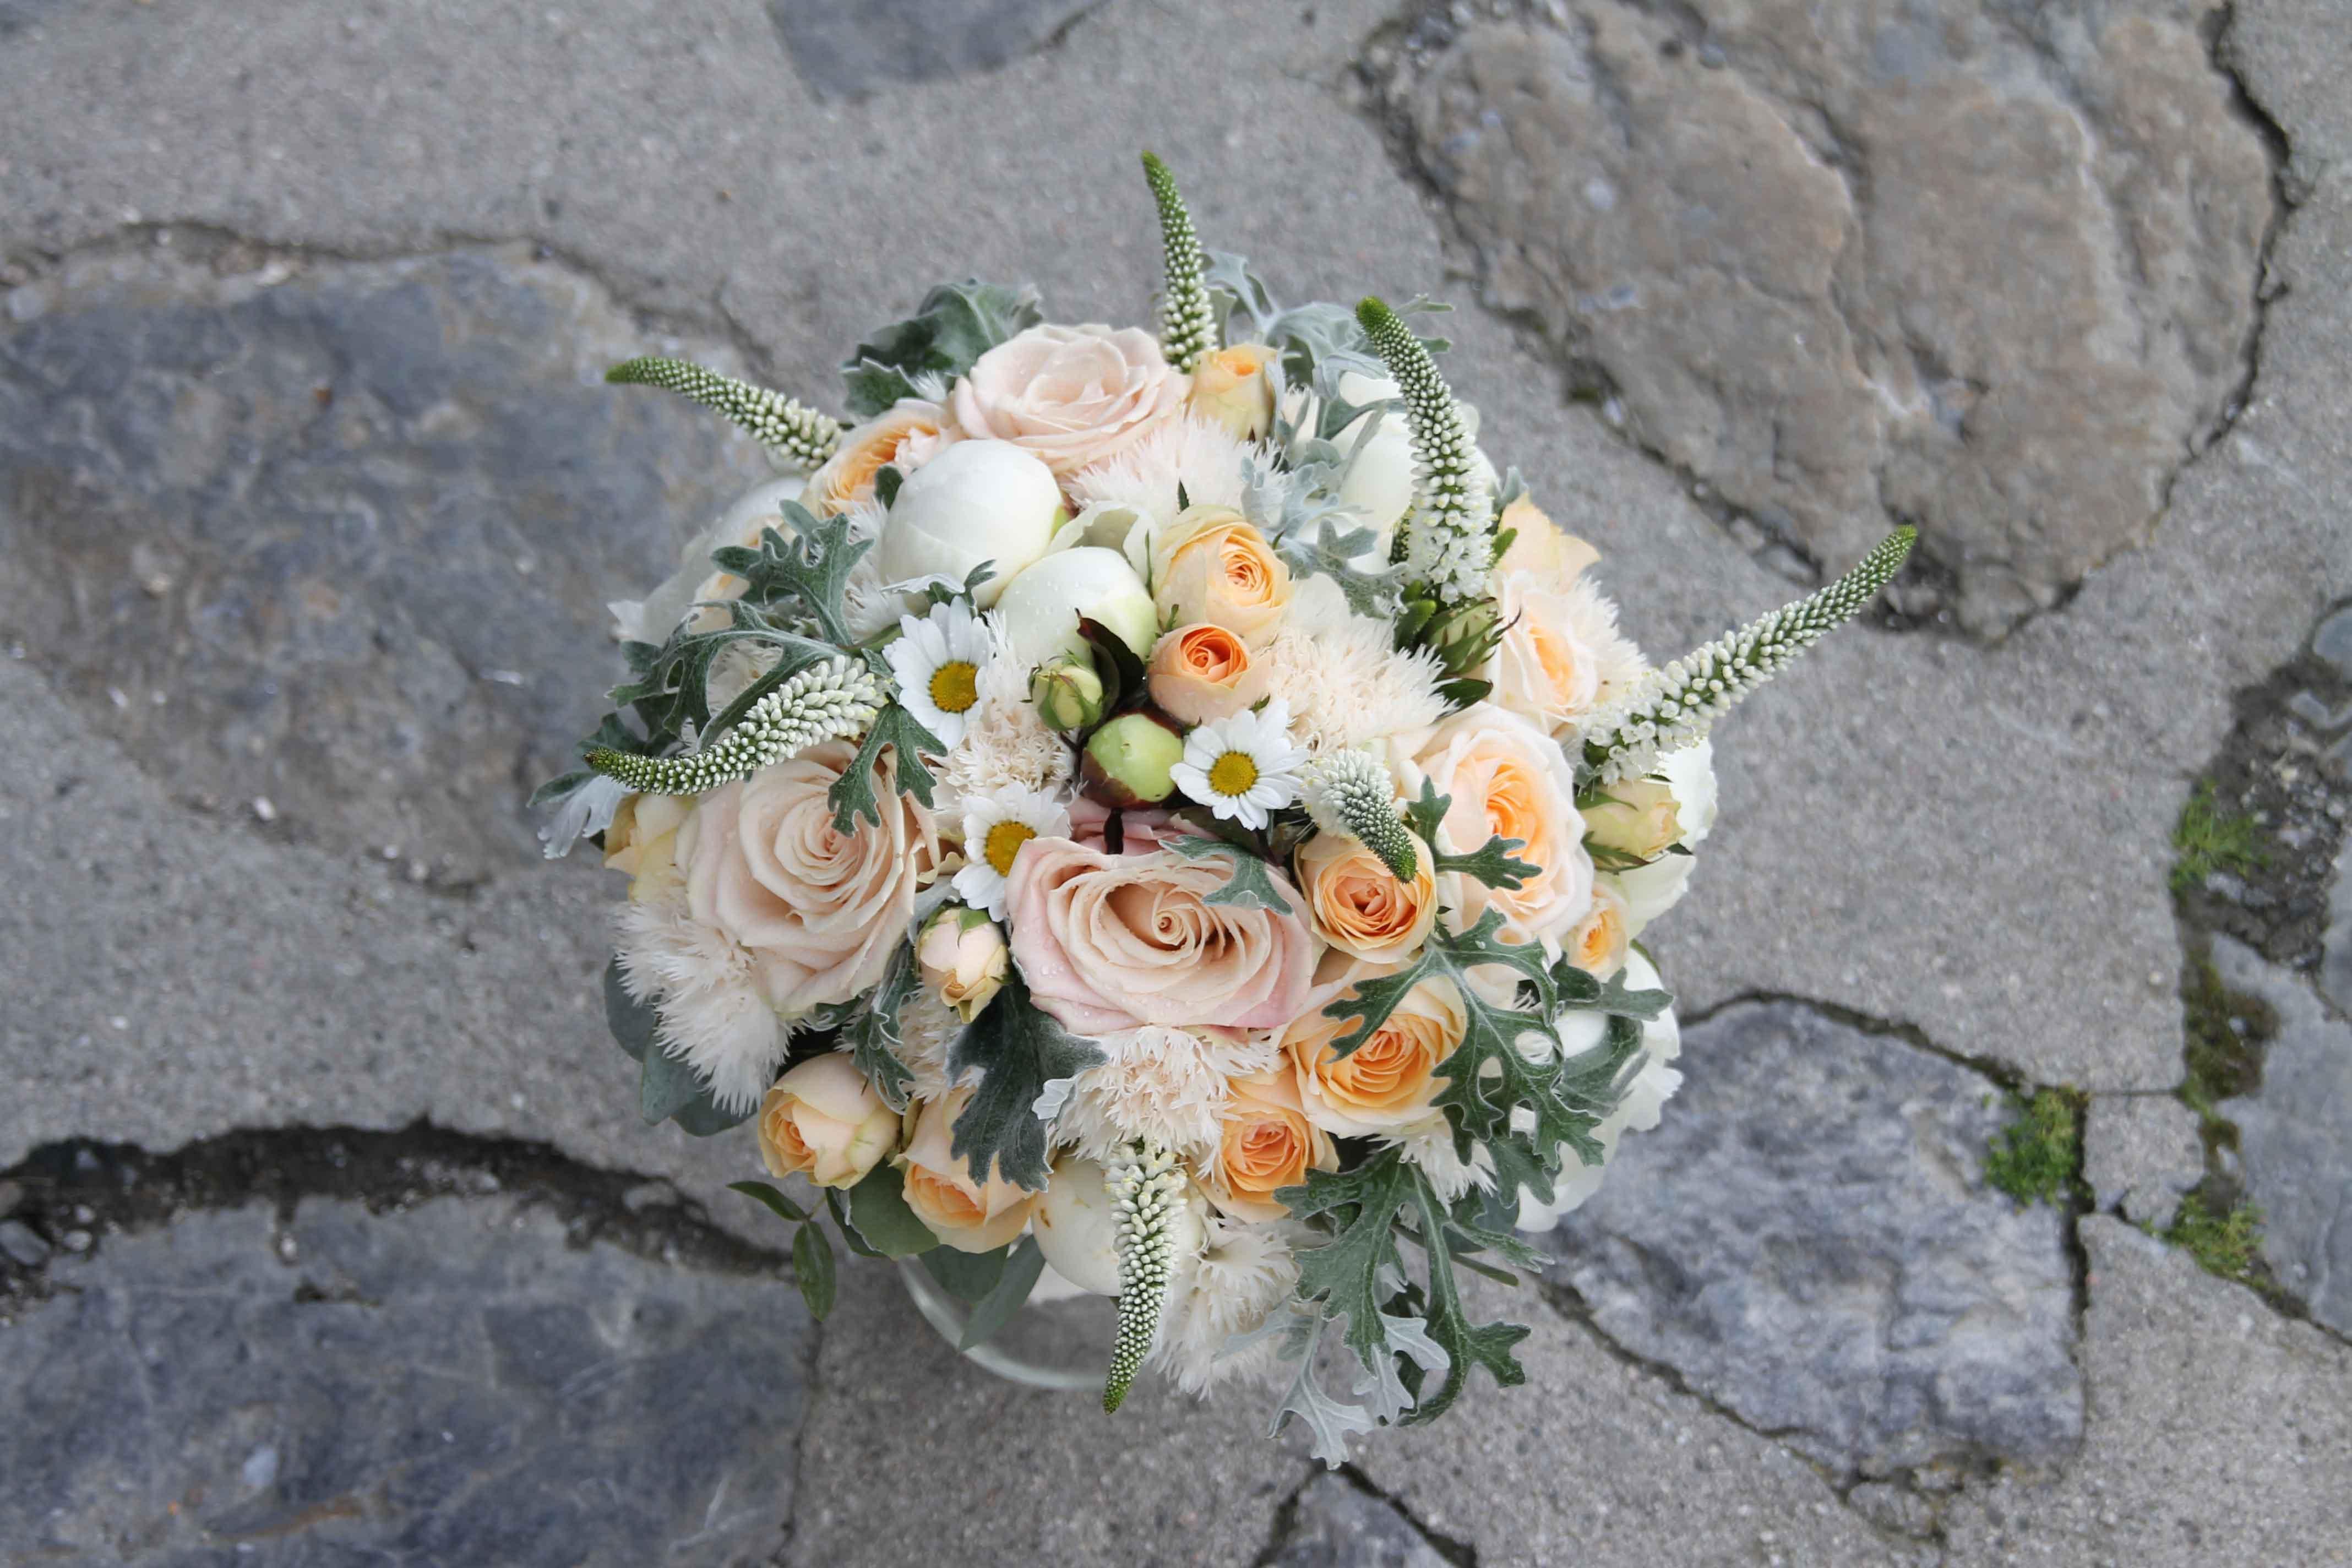 Kaspara, Bryllup, brudebukett, knappehullsblomst, bryllupsplanlegger i Oslo og Akershus